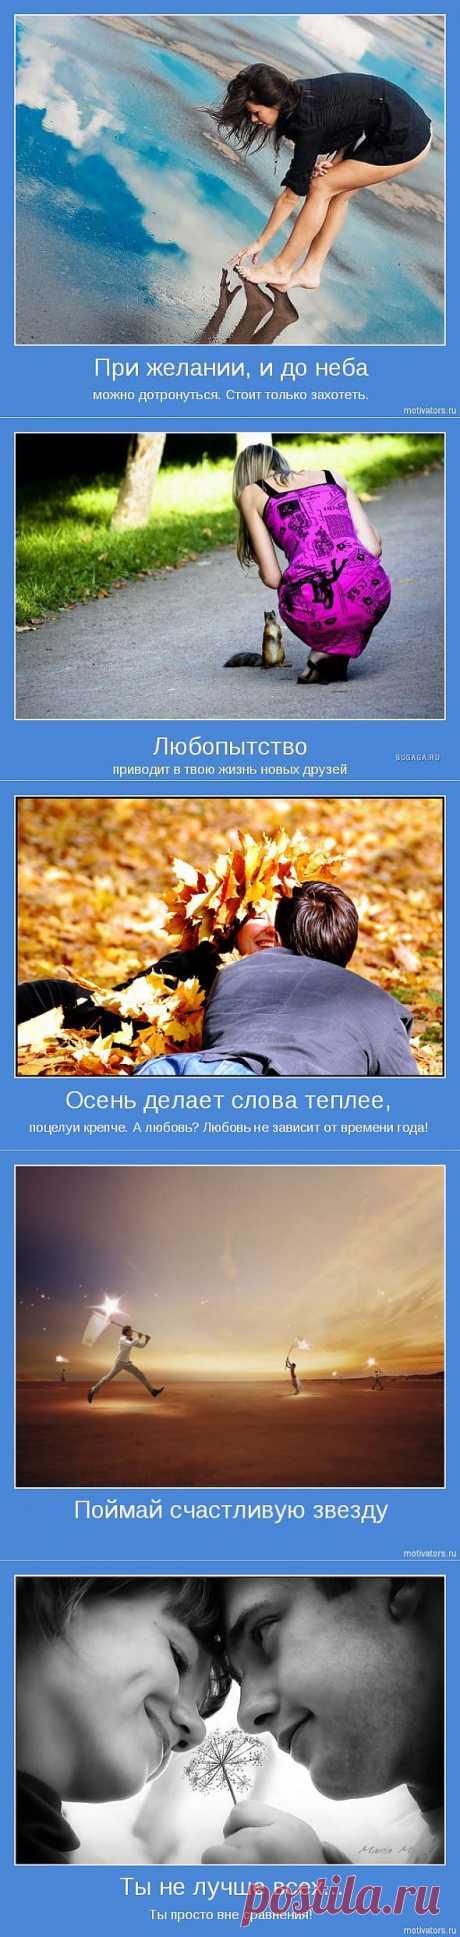 мотиваторы: 86 тыс изображений найдено в Яндекс.Картинках